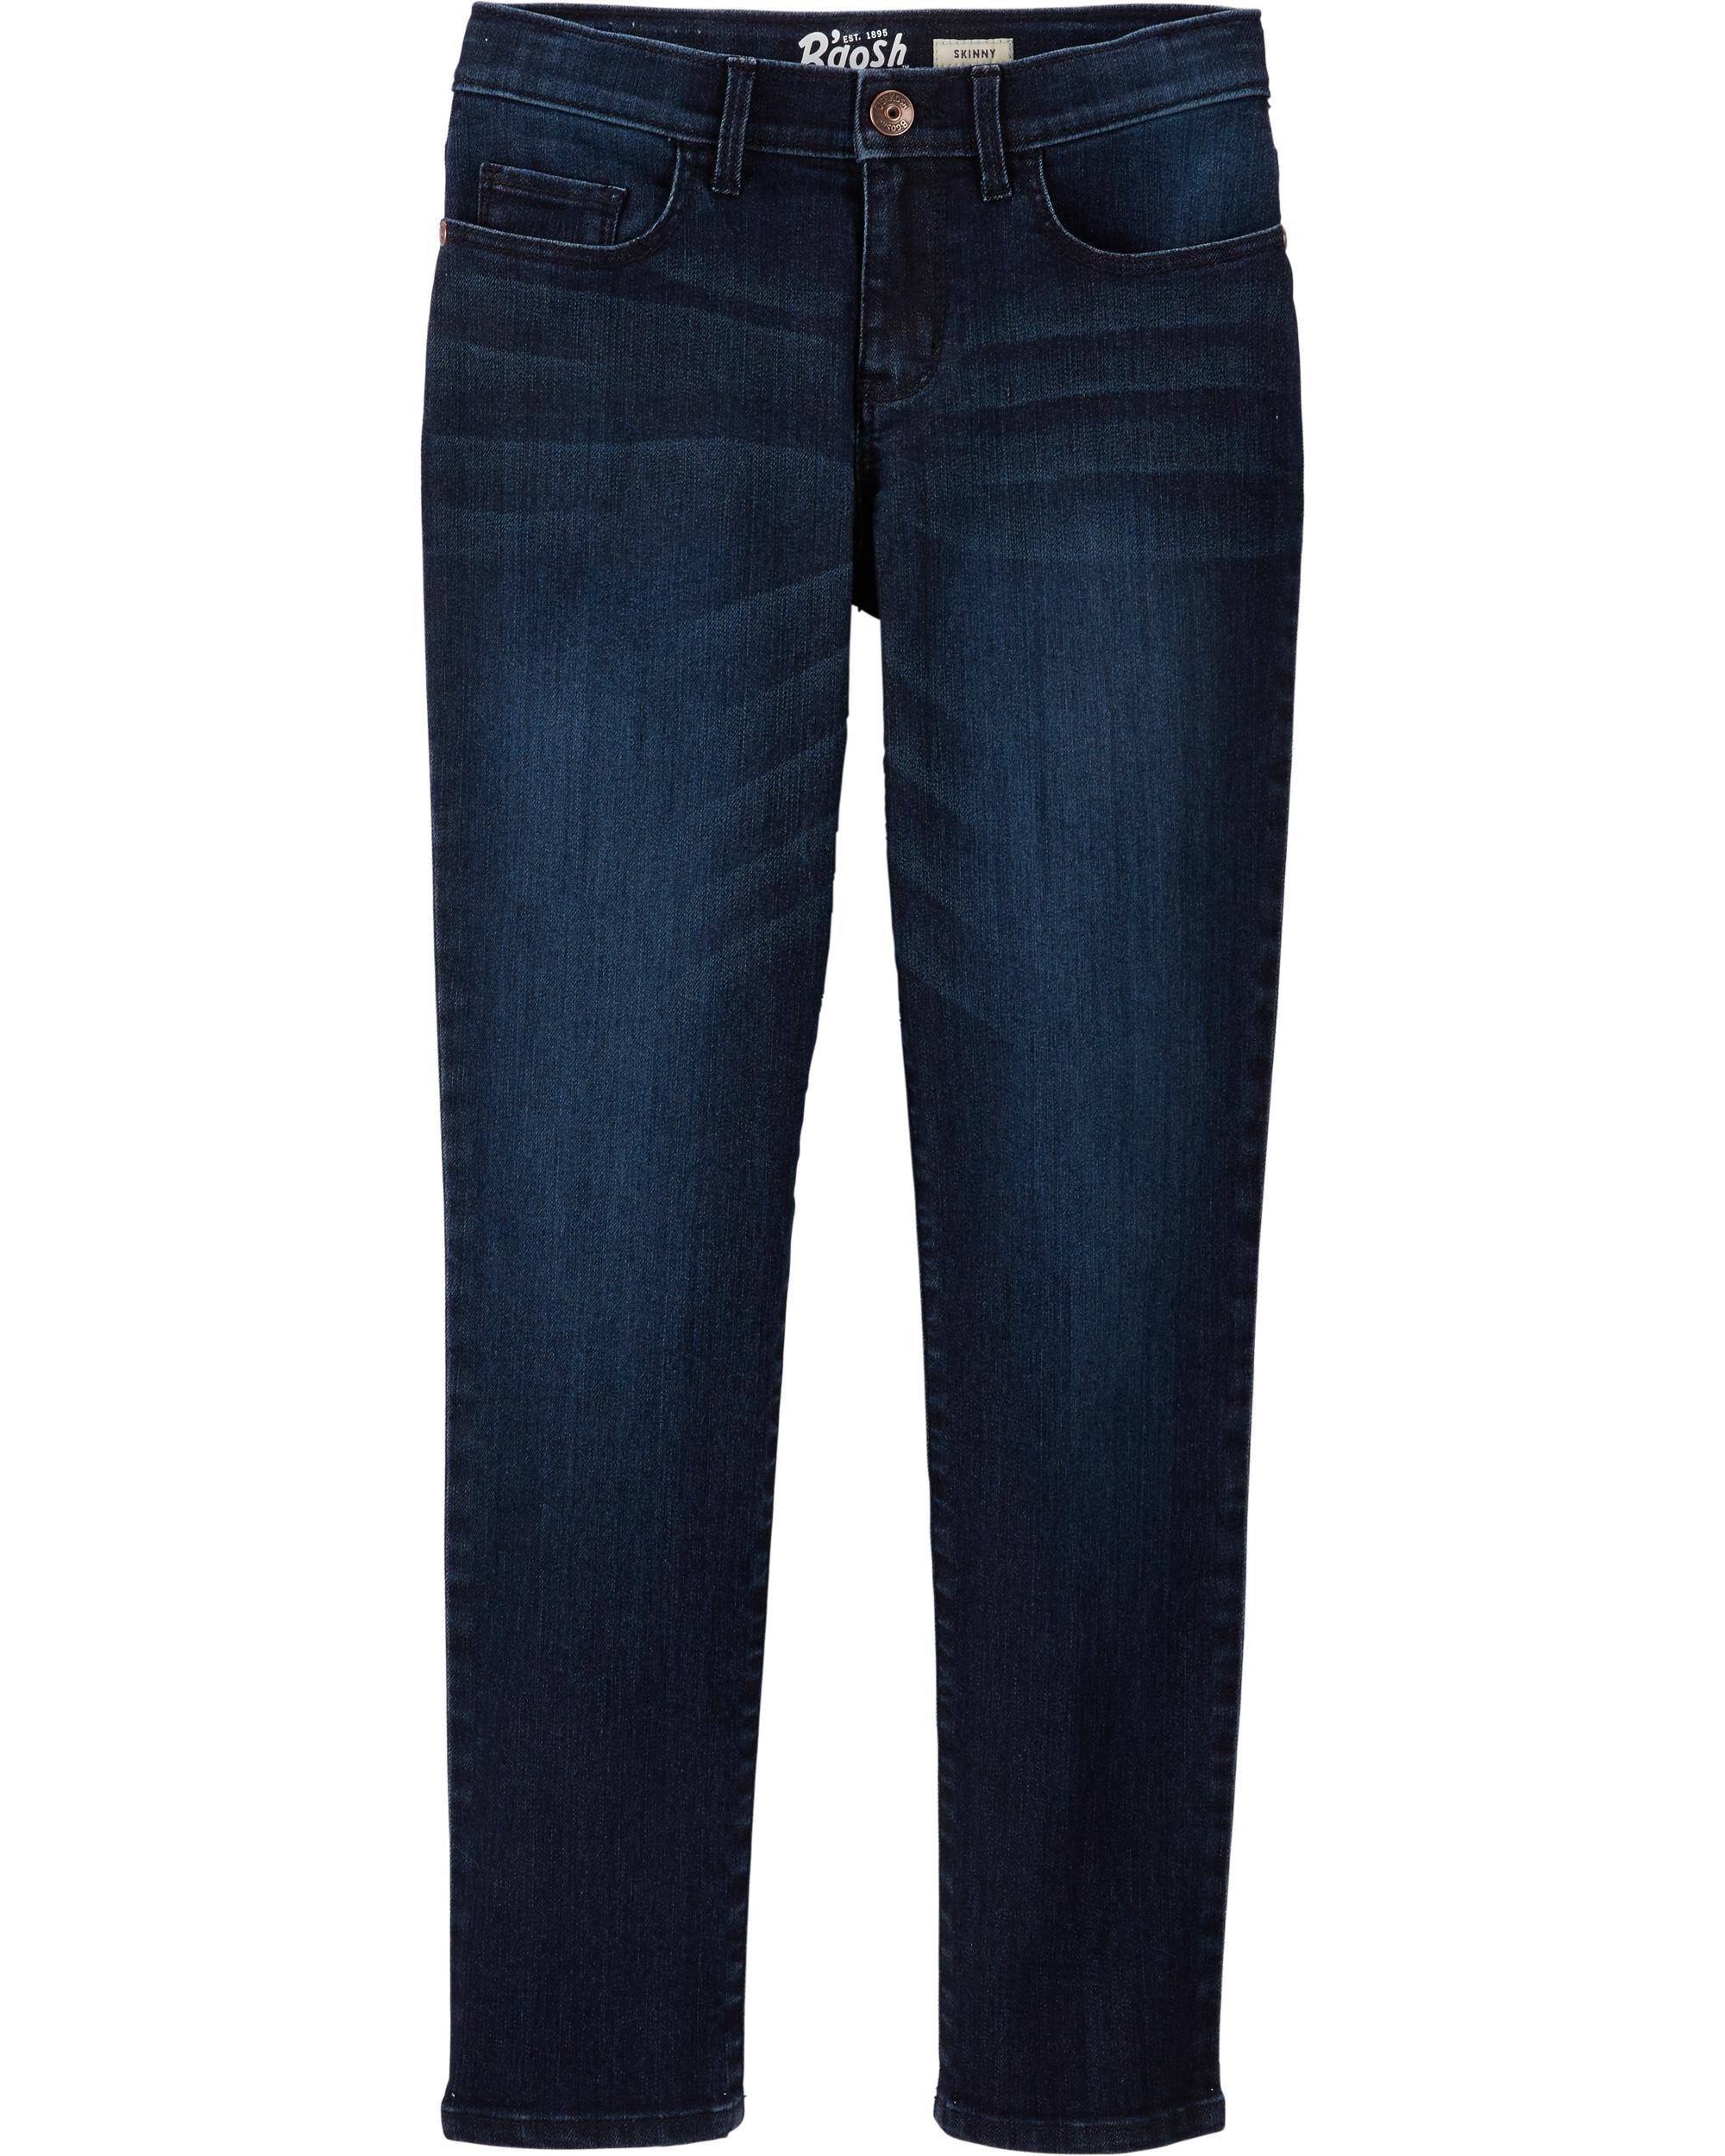 *DOORBUSTER*Skinny Jeans - Heritage Rinse Wash